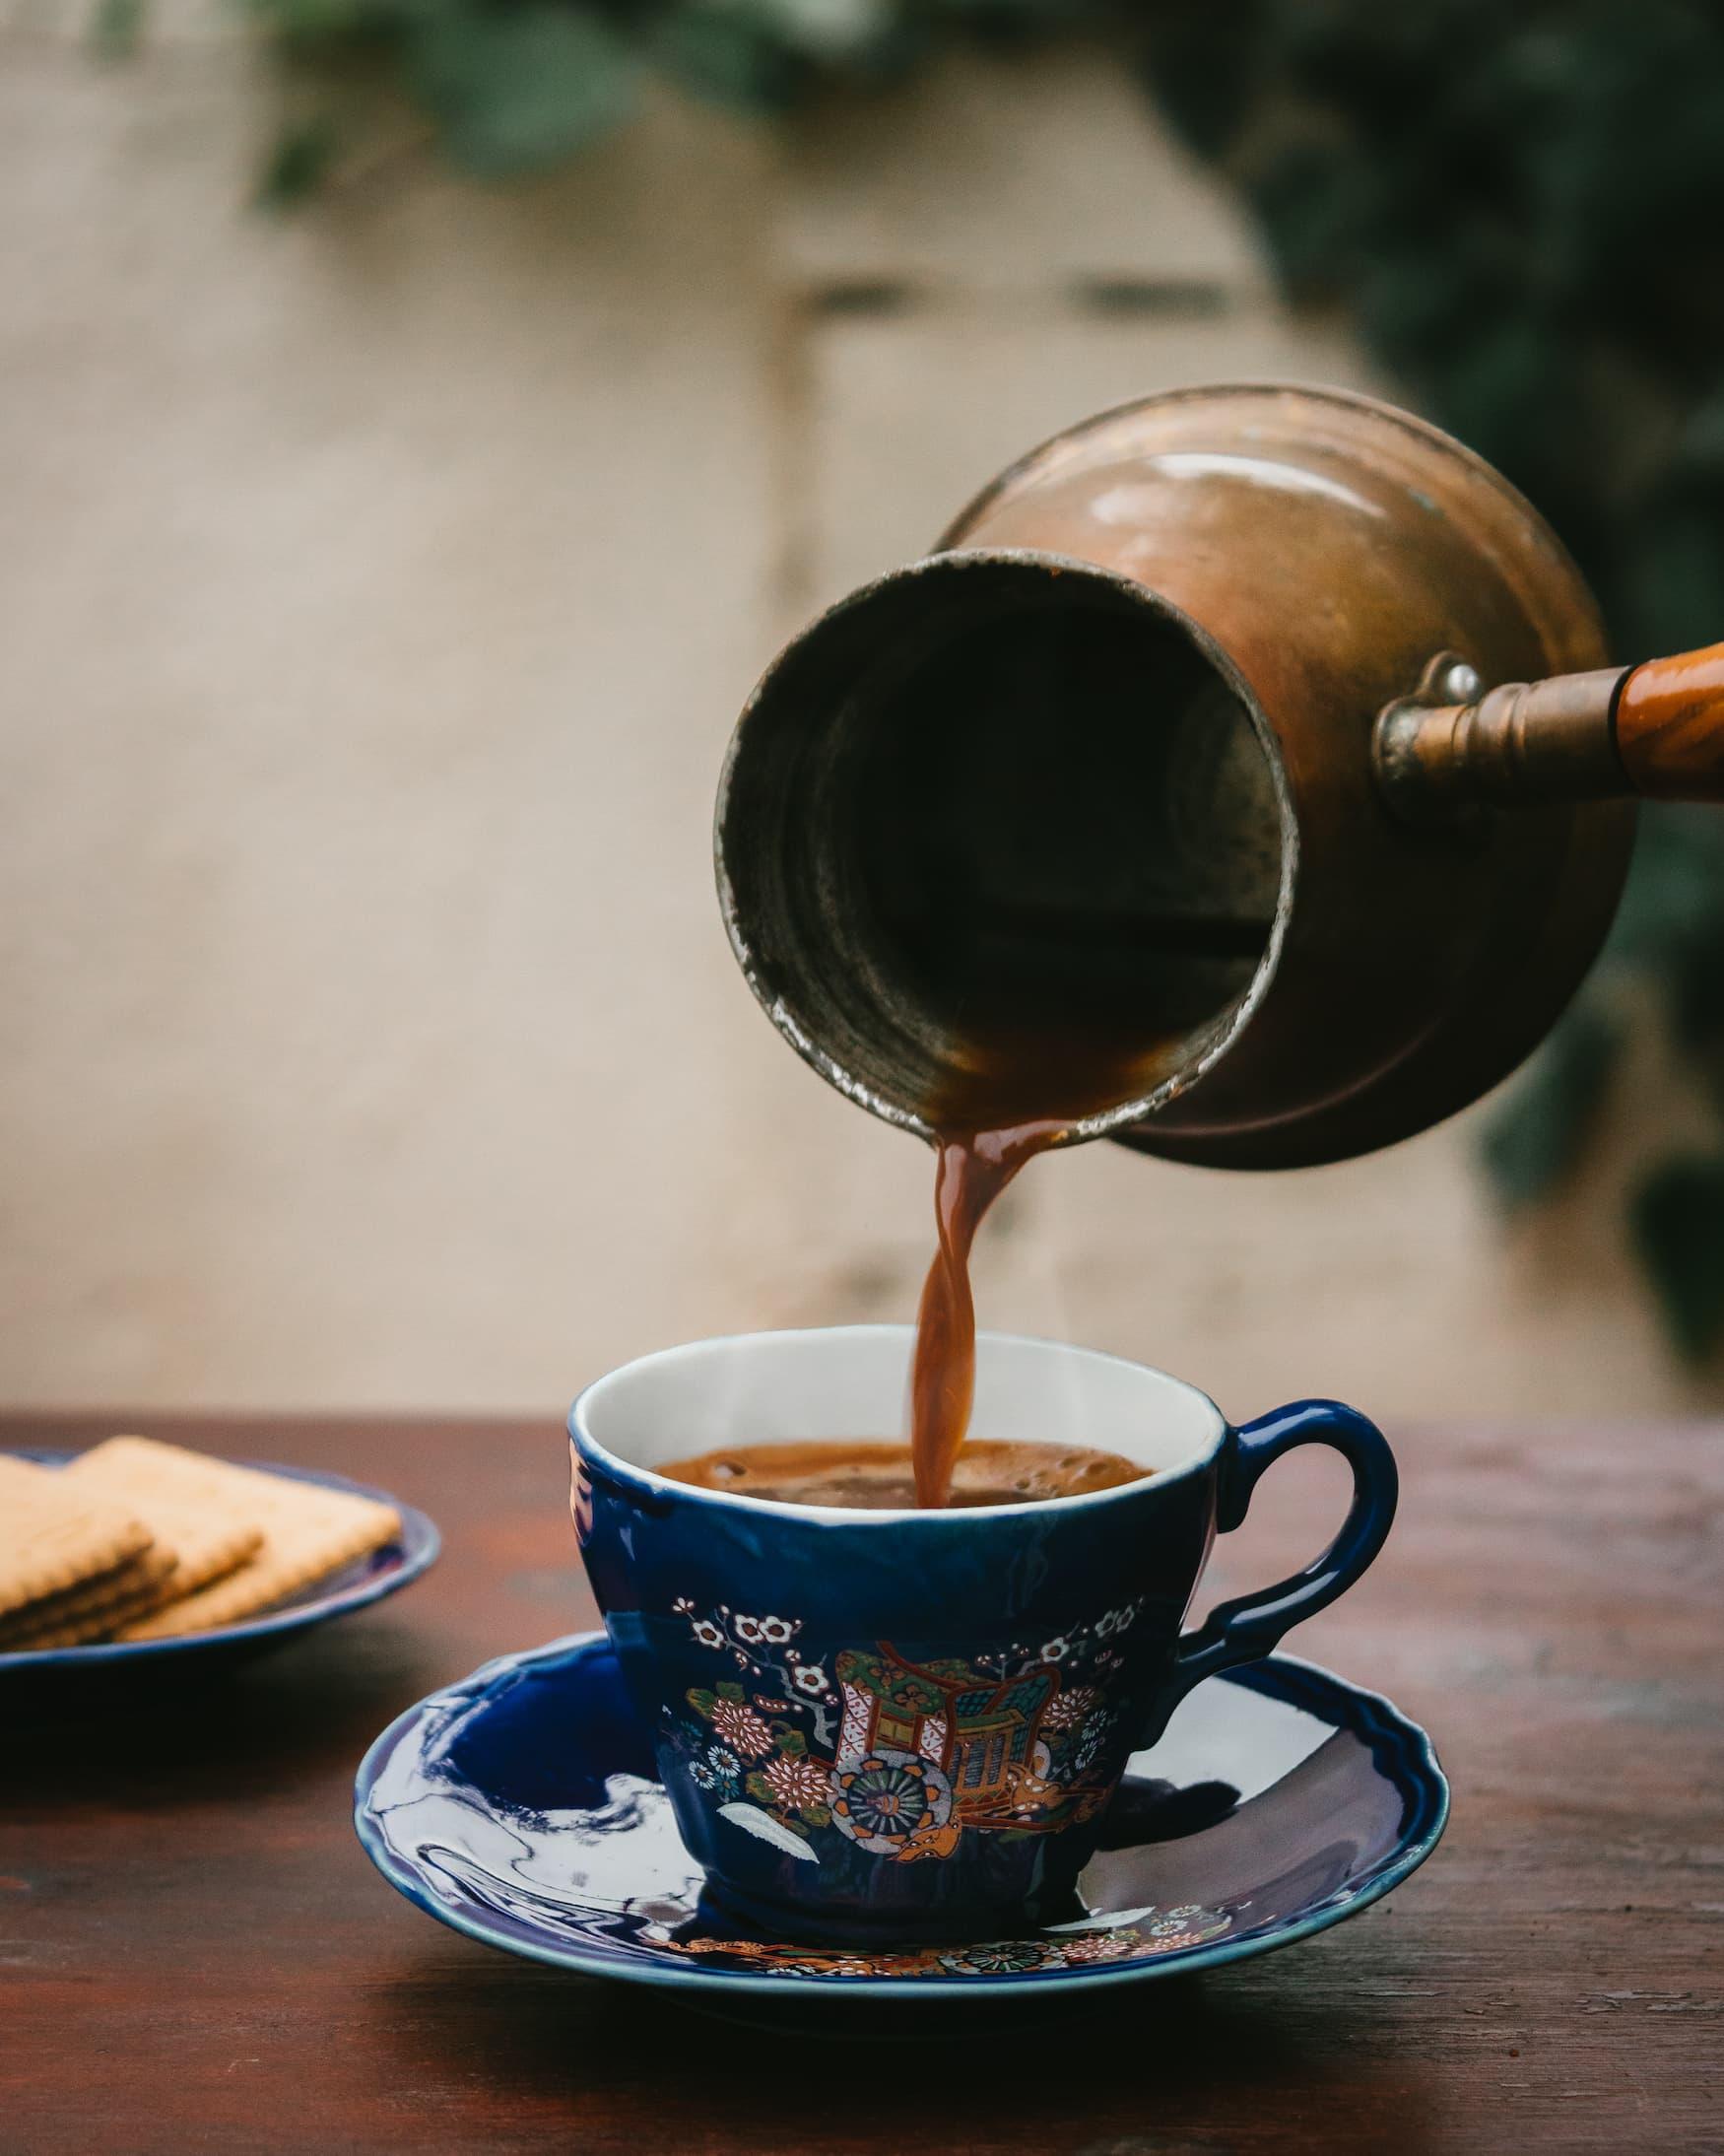 Unsere Reisetipps für Zypern: Unbedingt einen typischen Kaffee dort probieren